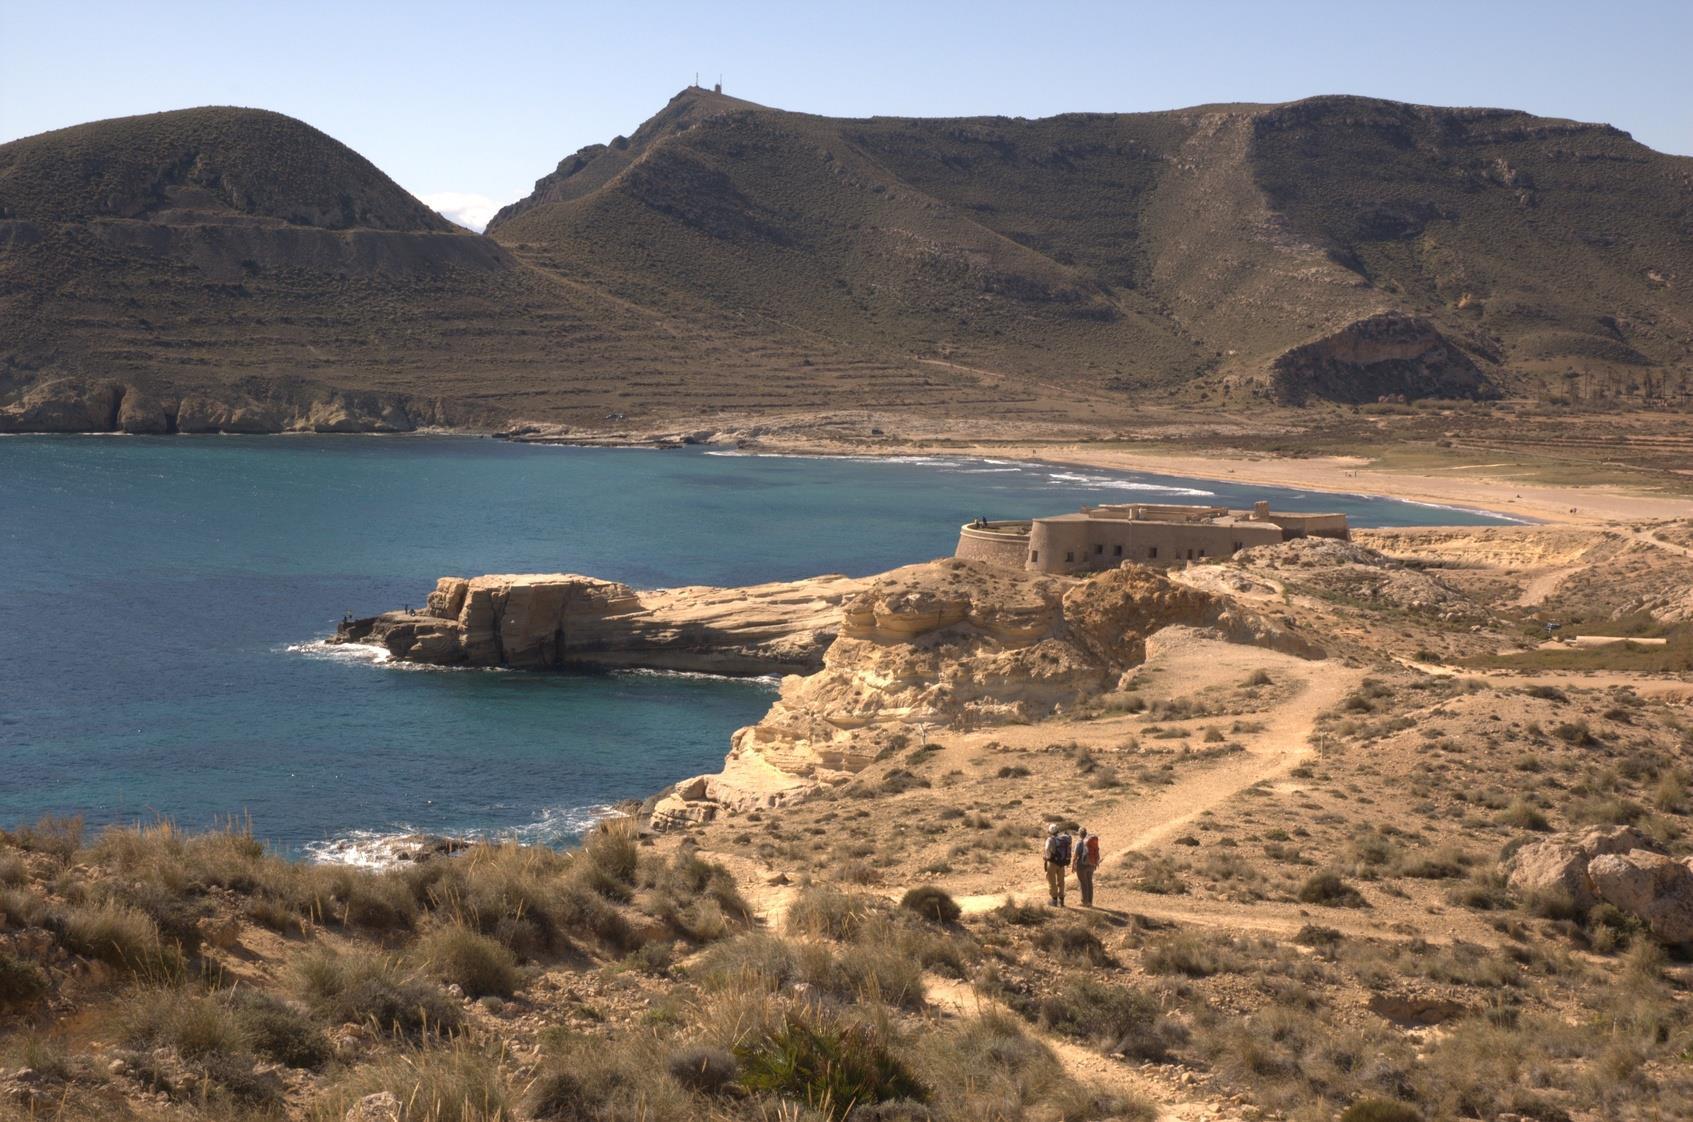 Playa El Espejo